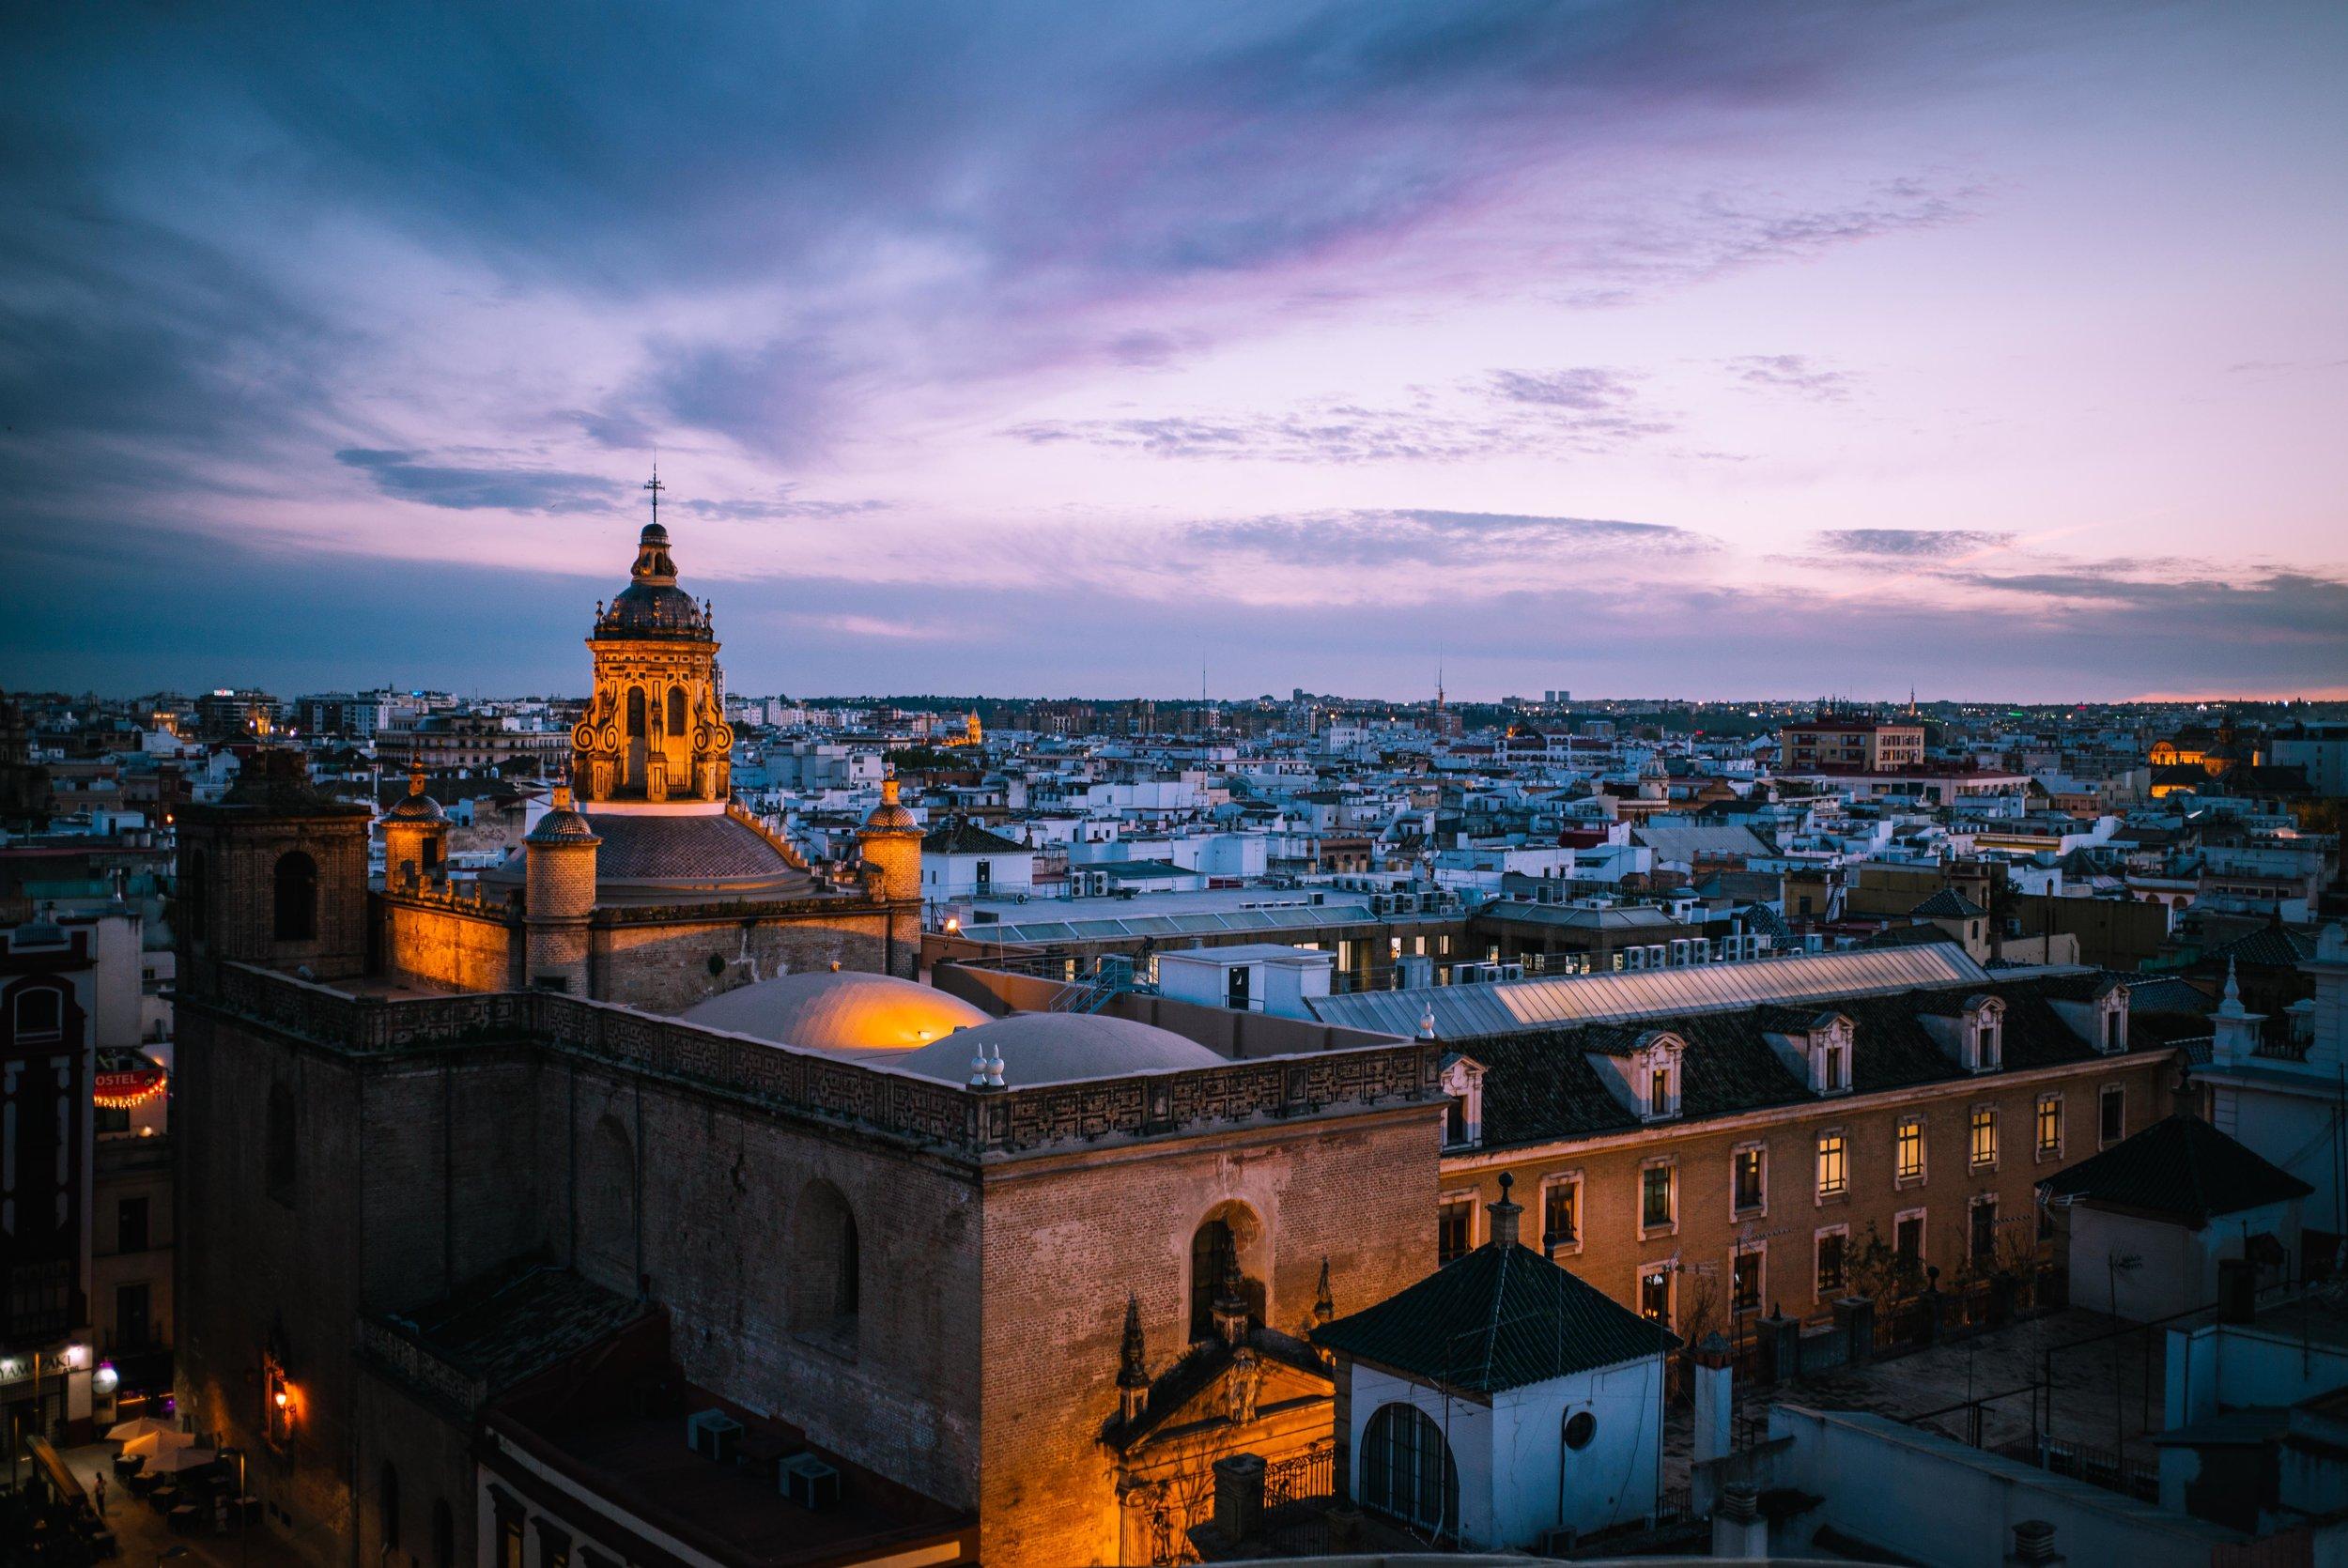 Iglesia de la Anunciación, Seville. Spain. 2017.